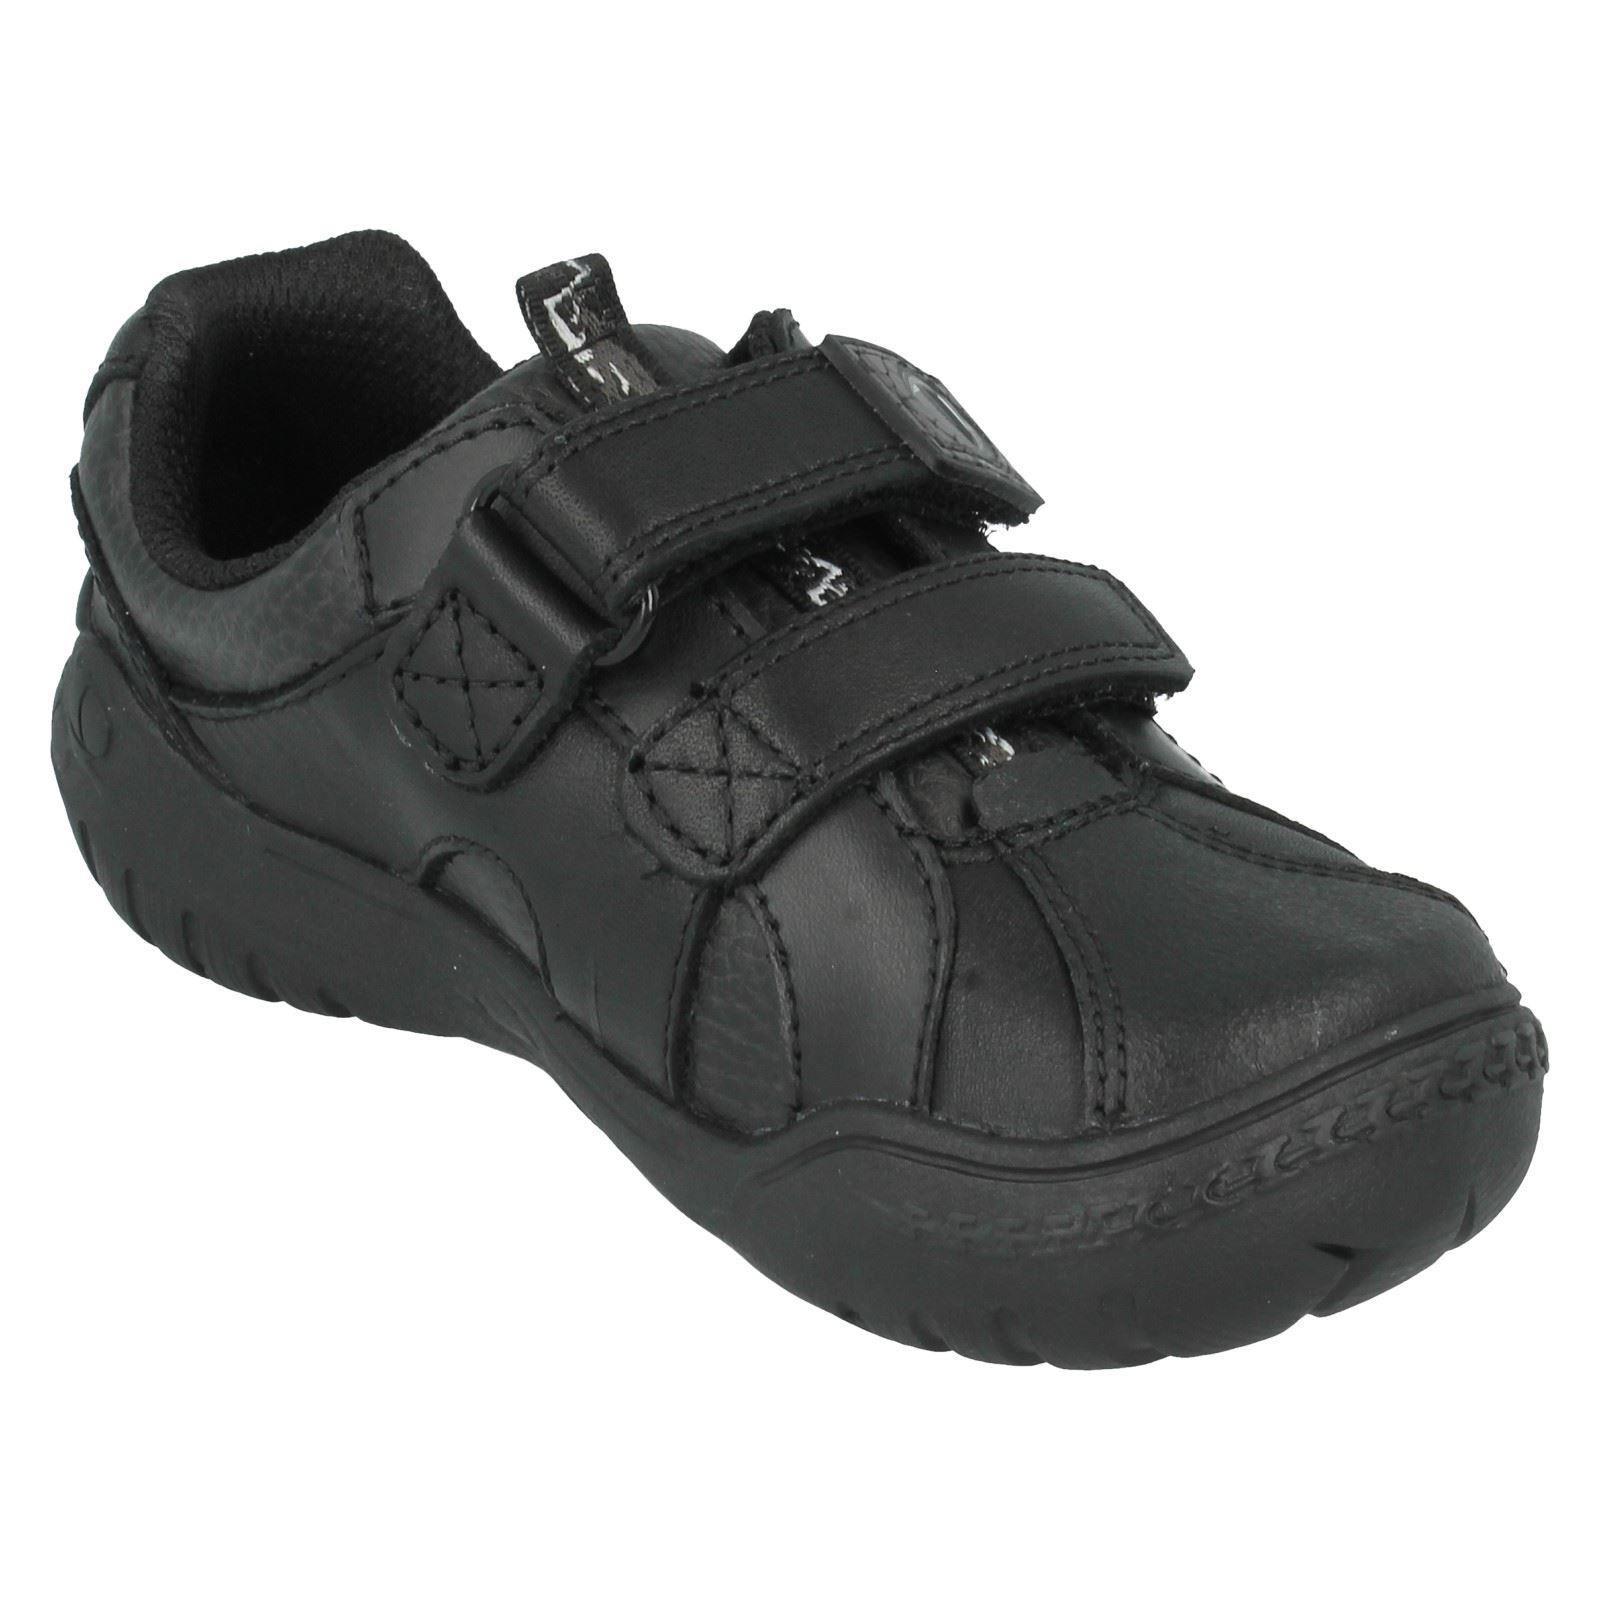 Boys Clarks Shoes Style - Stomp Roar